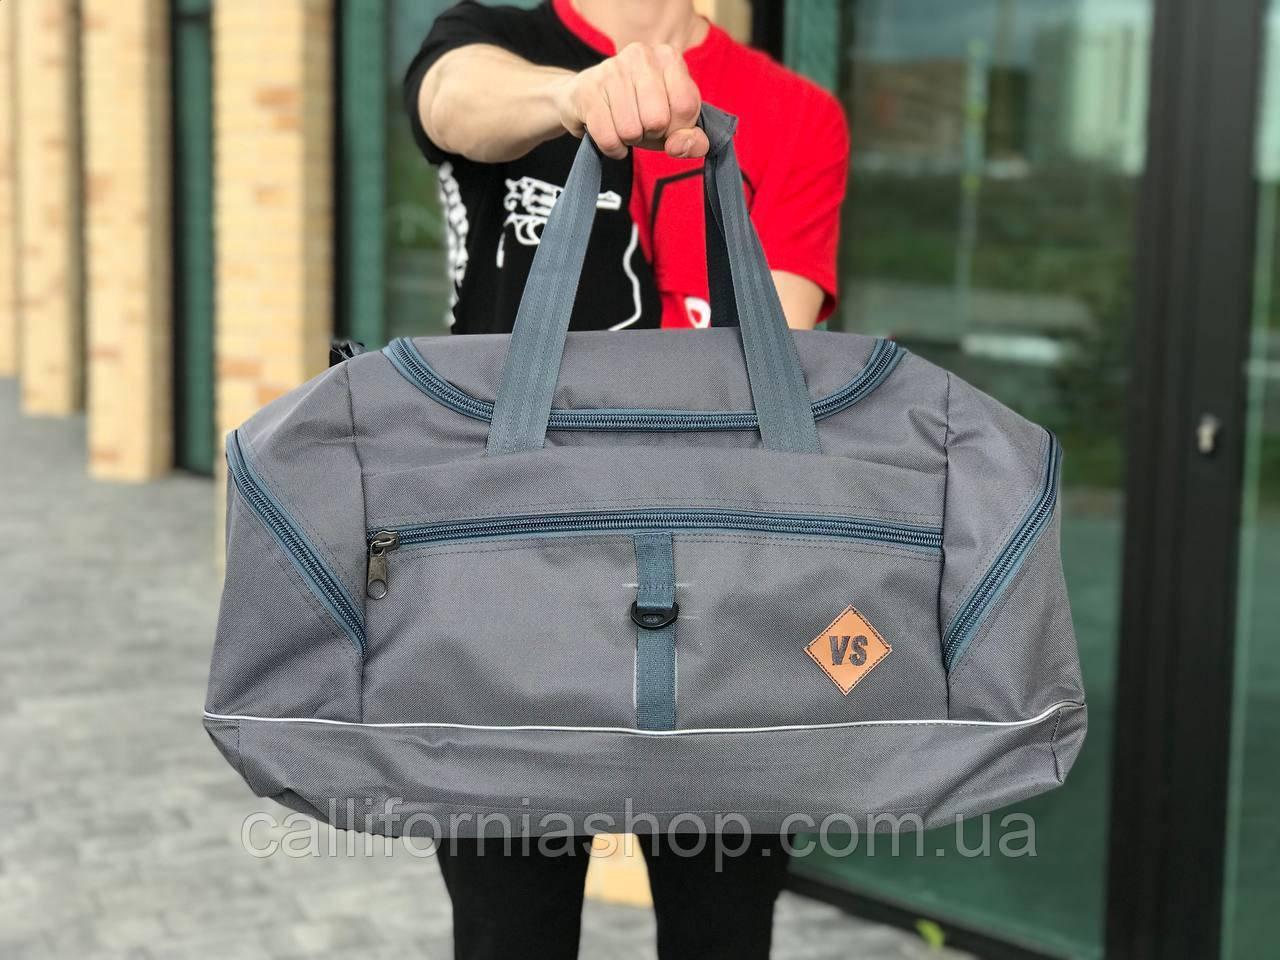 Дорожная большая сумка серая круглая на 60 литров с плечевым ремнем